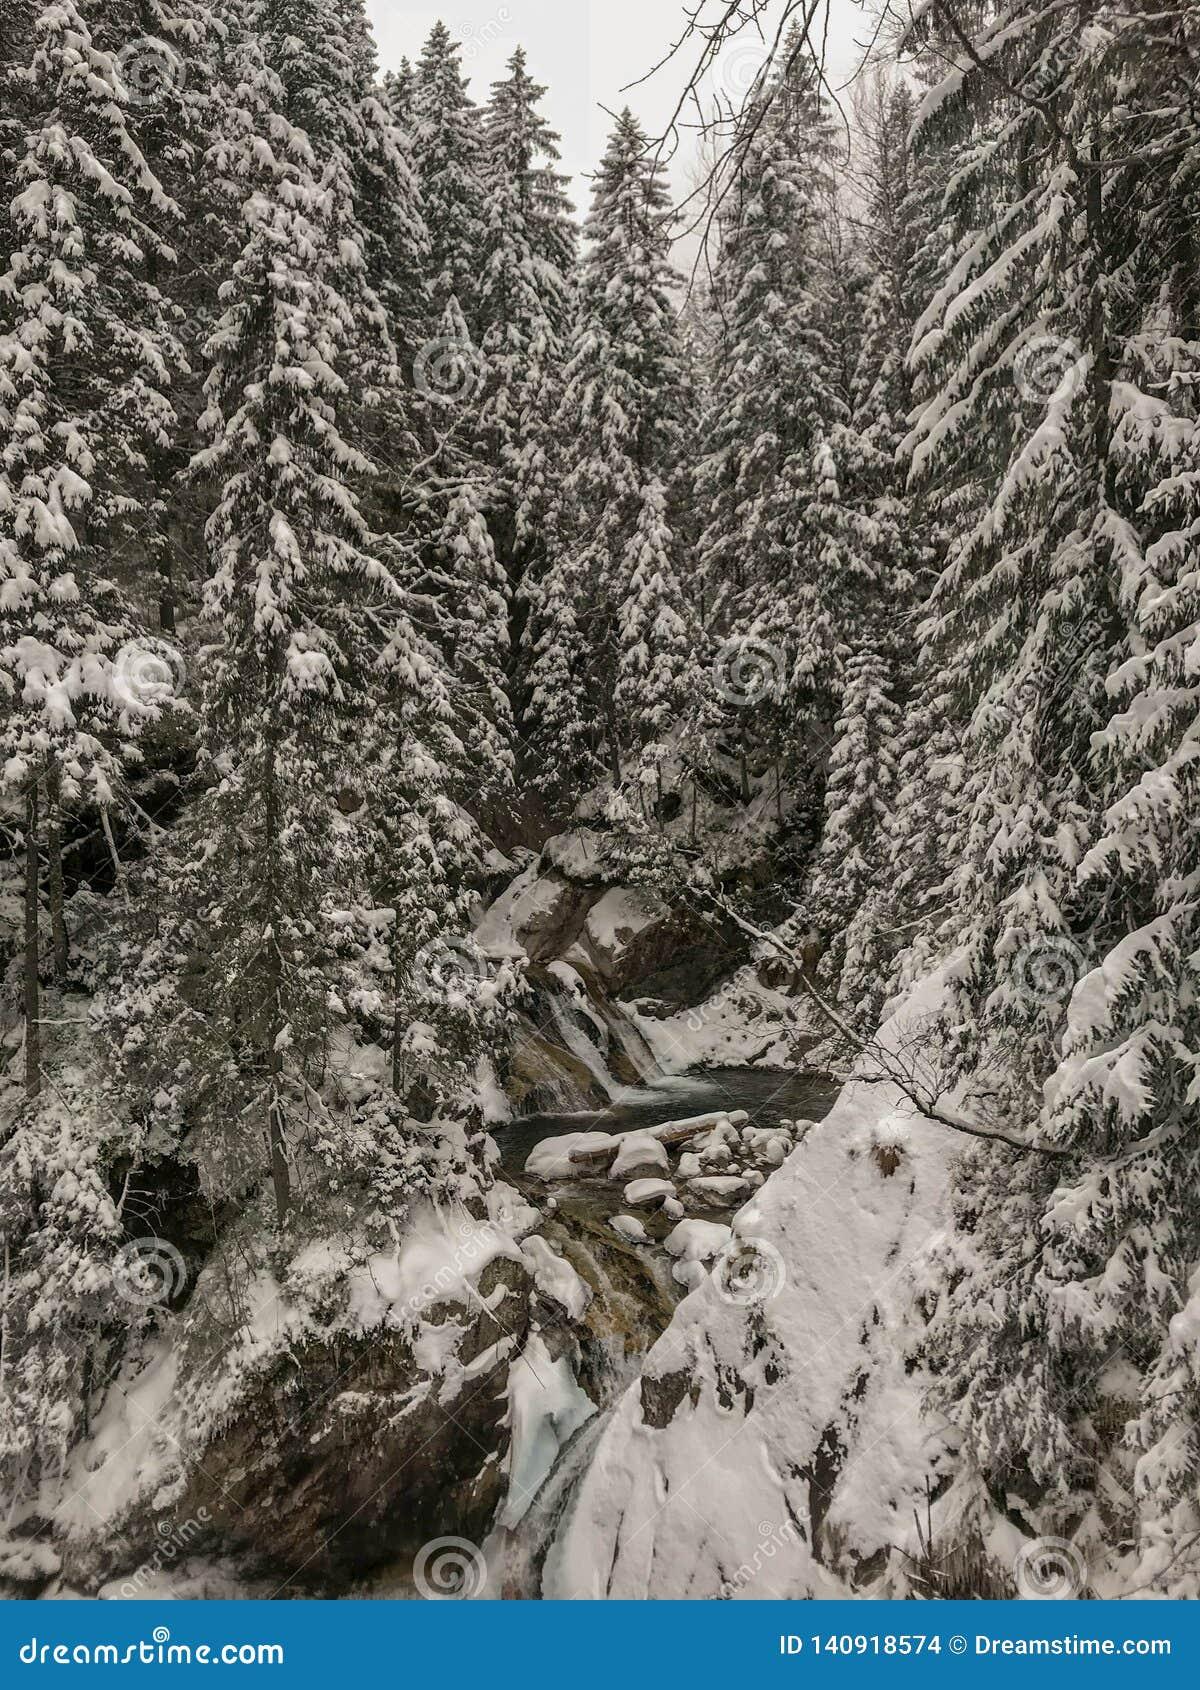 Καταρράκτες χειμερινού ταϊσμένοι άνοιξη κολπίσκου το χειμώνα, Tatry, Πολωνία